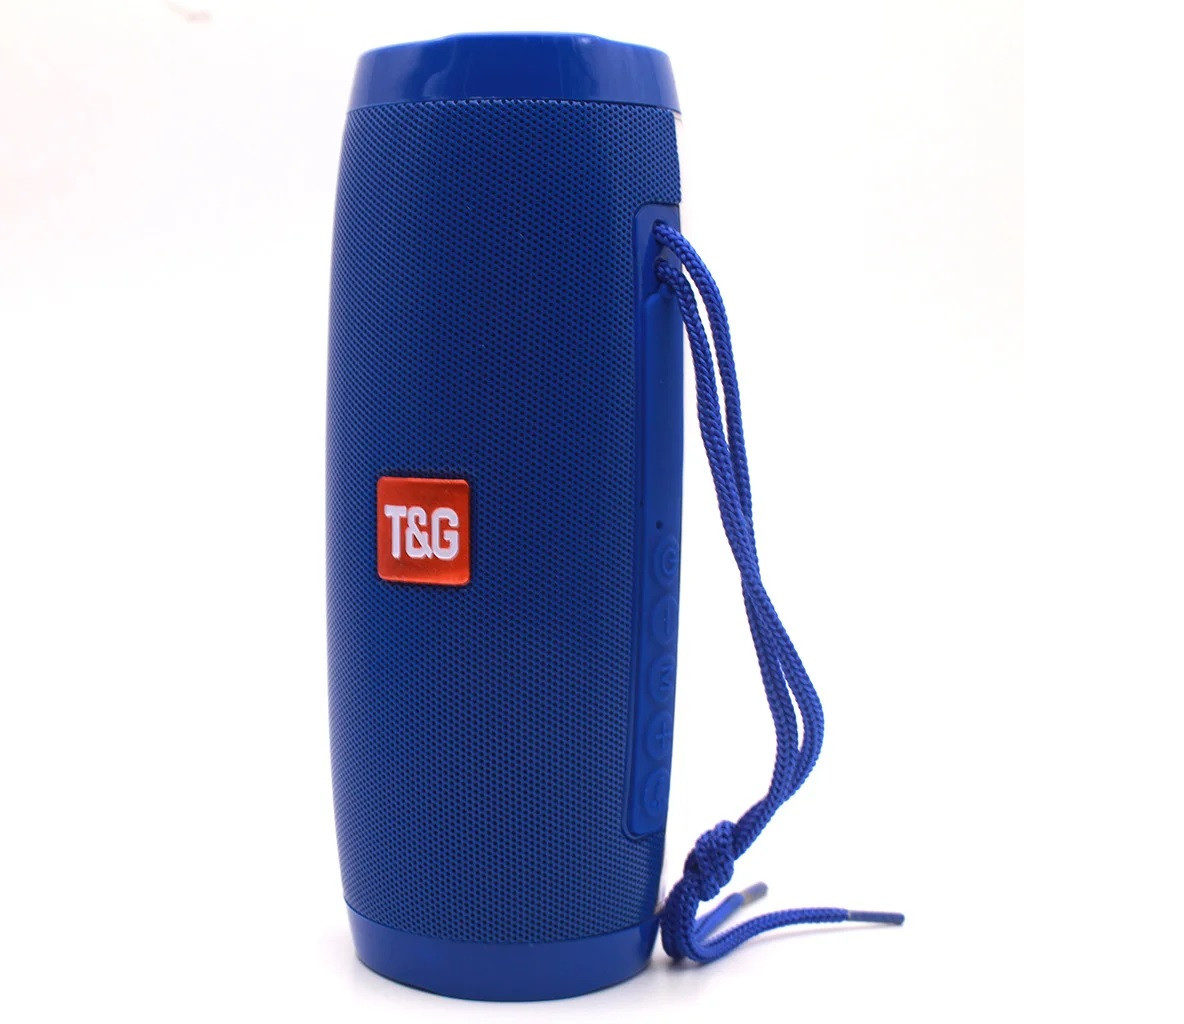 Портативная bluetooth колонка T&G TG-157 с подсветкой (Синий)